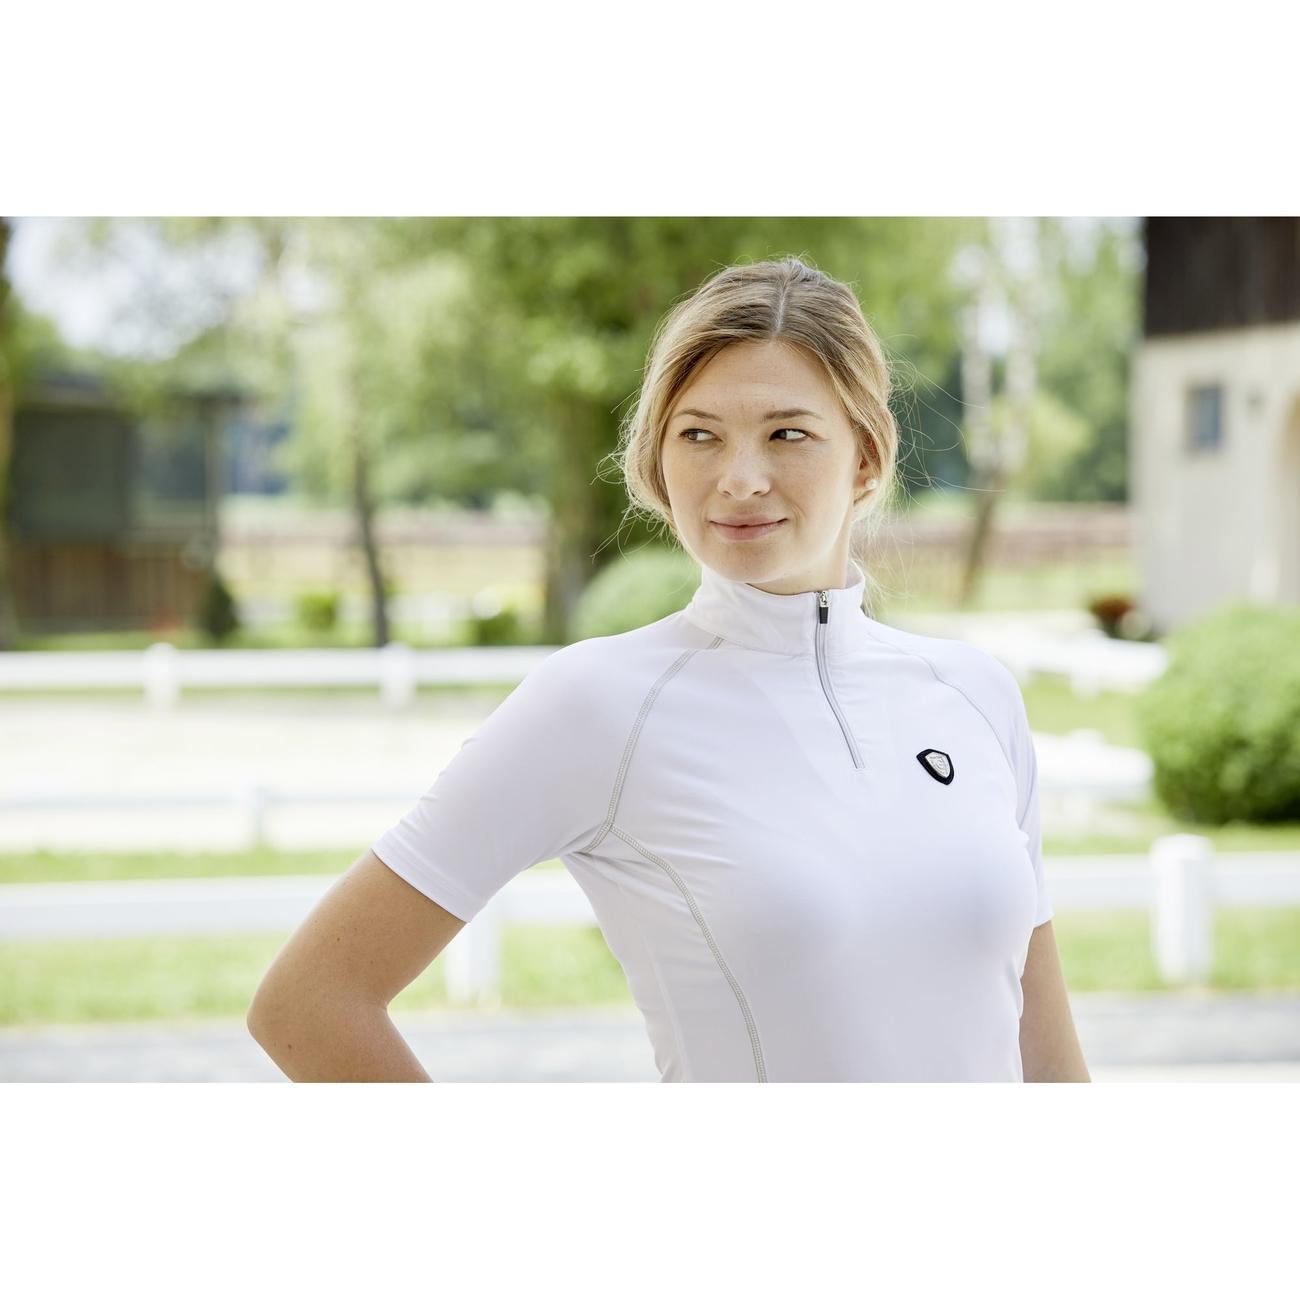 Covalliero Competition Shirt Valentina für Damen und Kinder, Bild 6